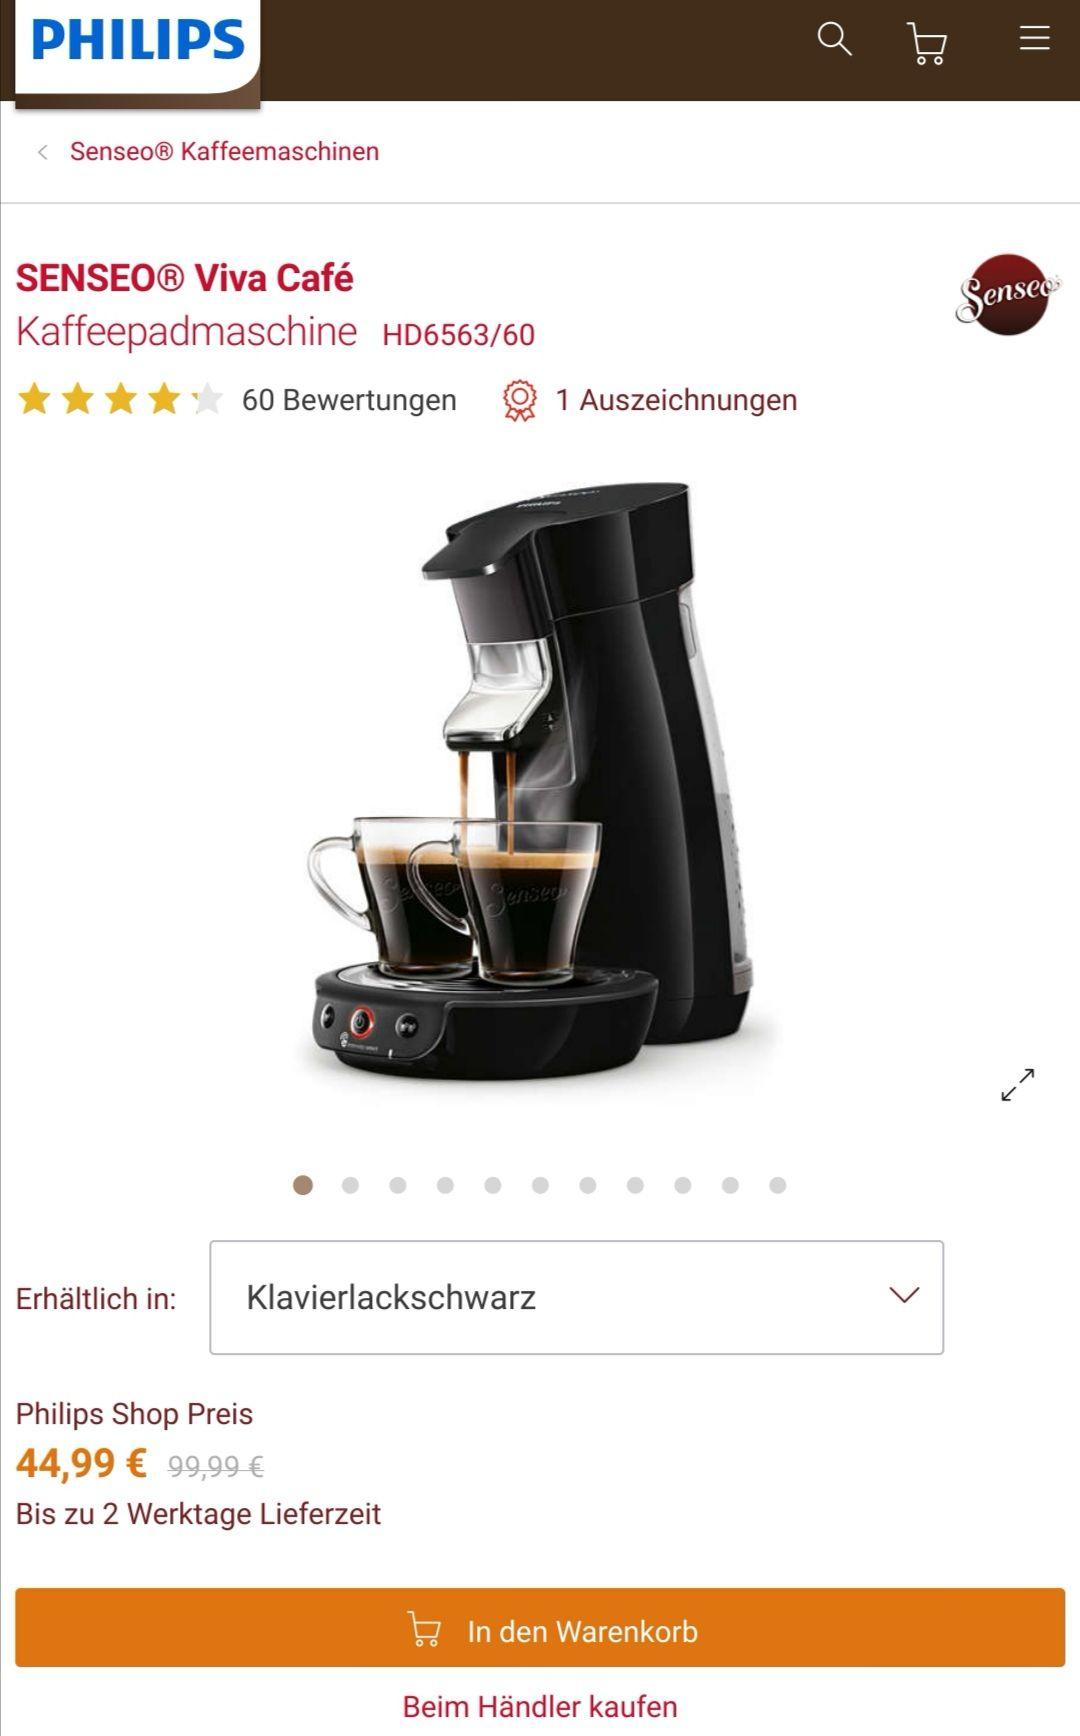 Kaffeepadmaschine Philips Senseo HD6563/60 für 34,99€ mit 10€ Newslettergutschein direkt beim Hersteller